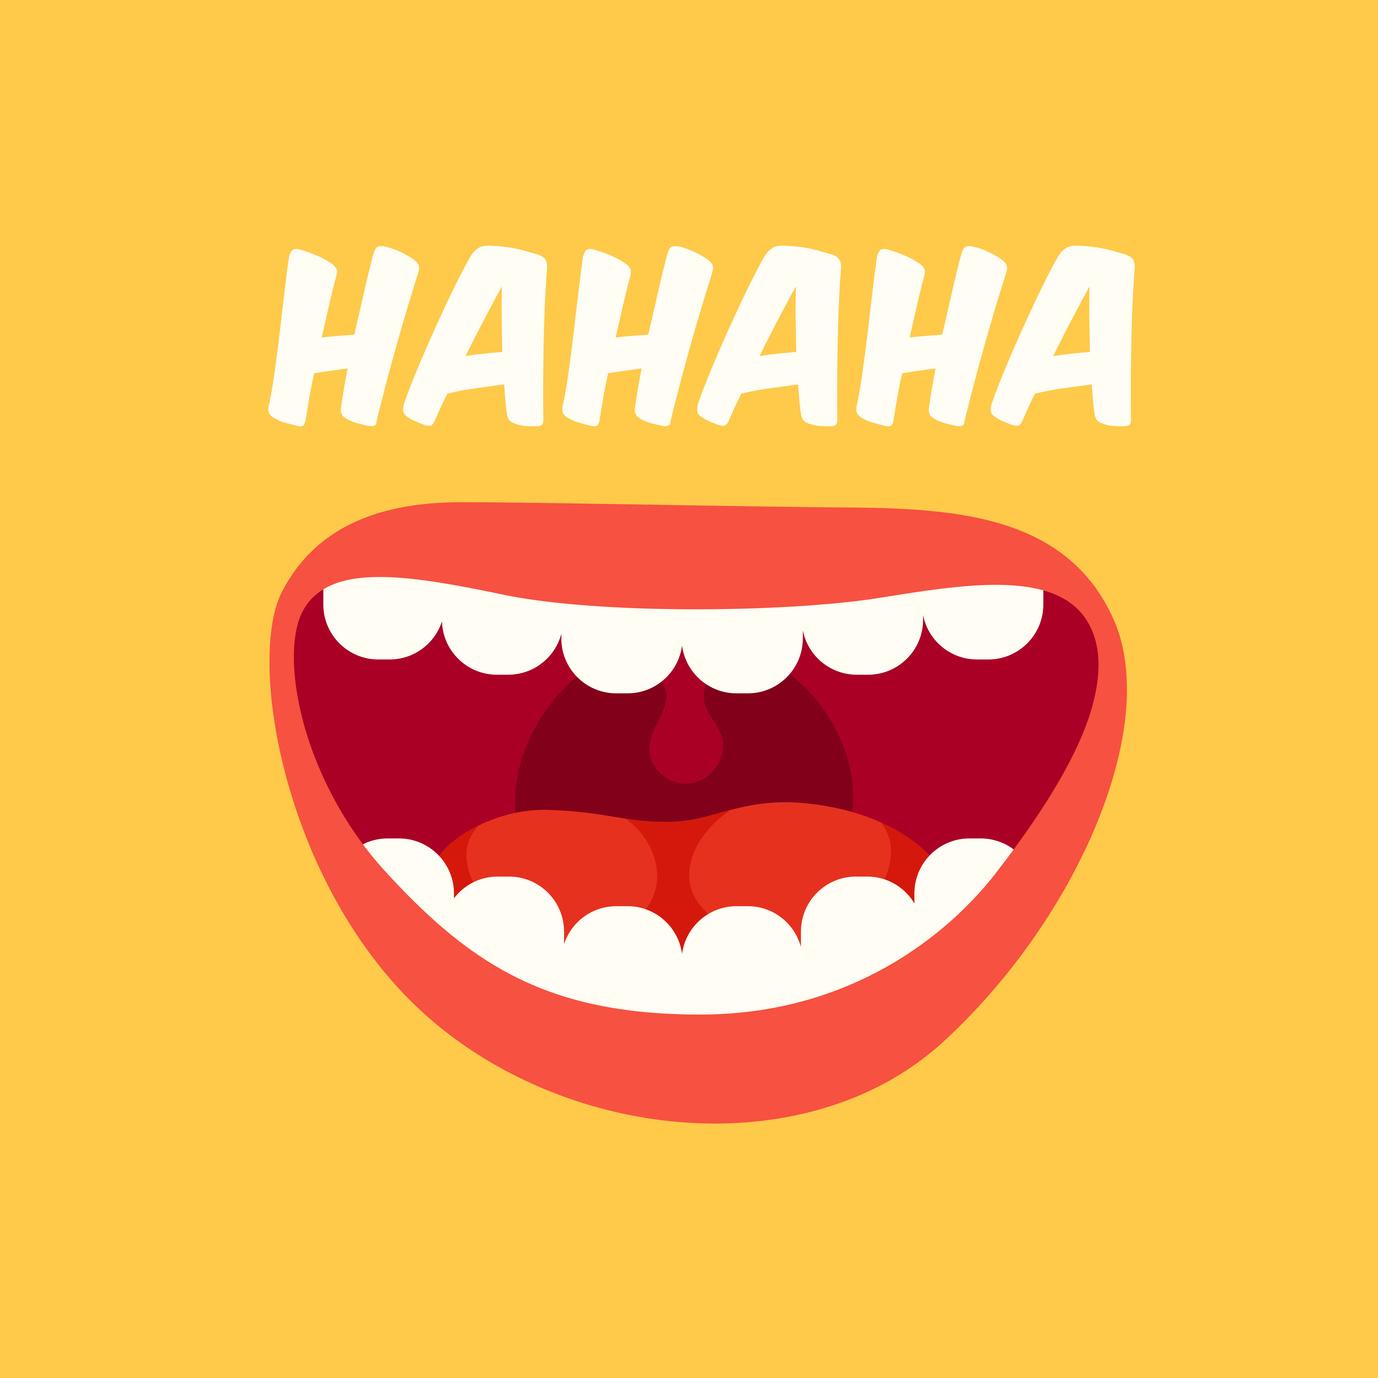 كوميكسات ونكت مضحكة , نكت مضحكة بالصور وأجدد النكت المكتوبة